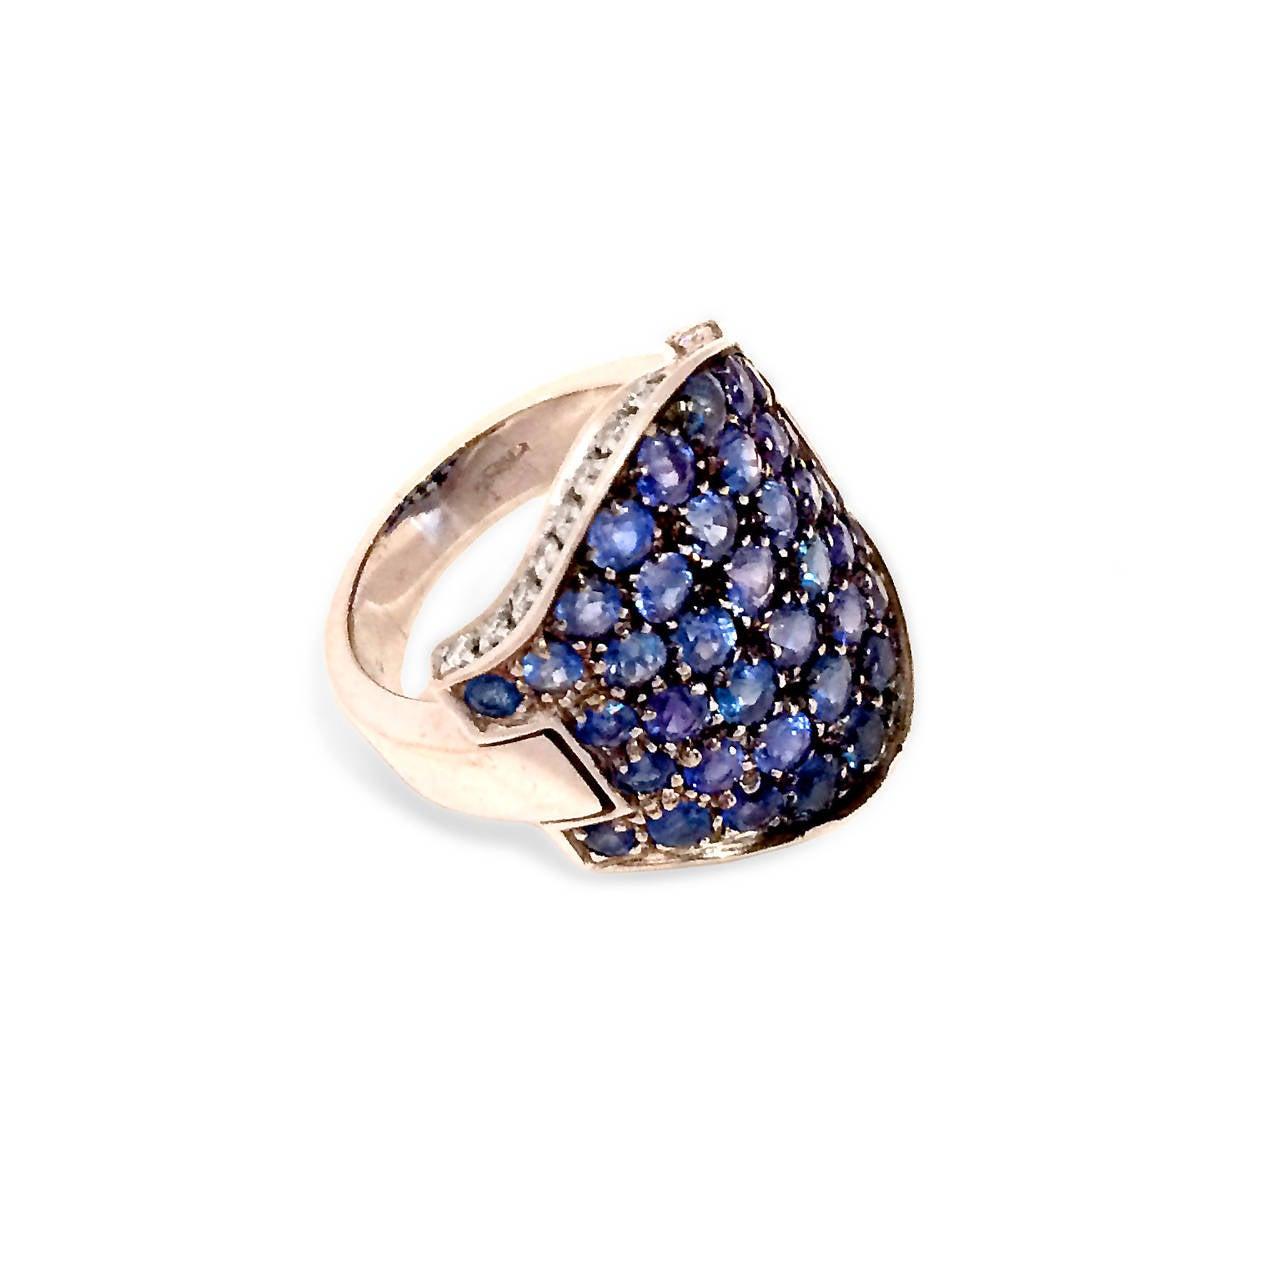 5.05 Carat Pave Sapphire Diamond Gold Ring 2